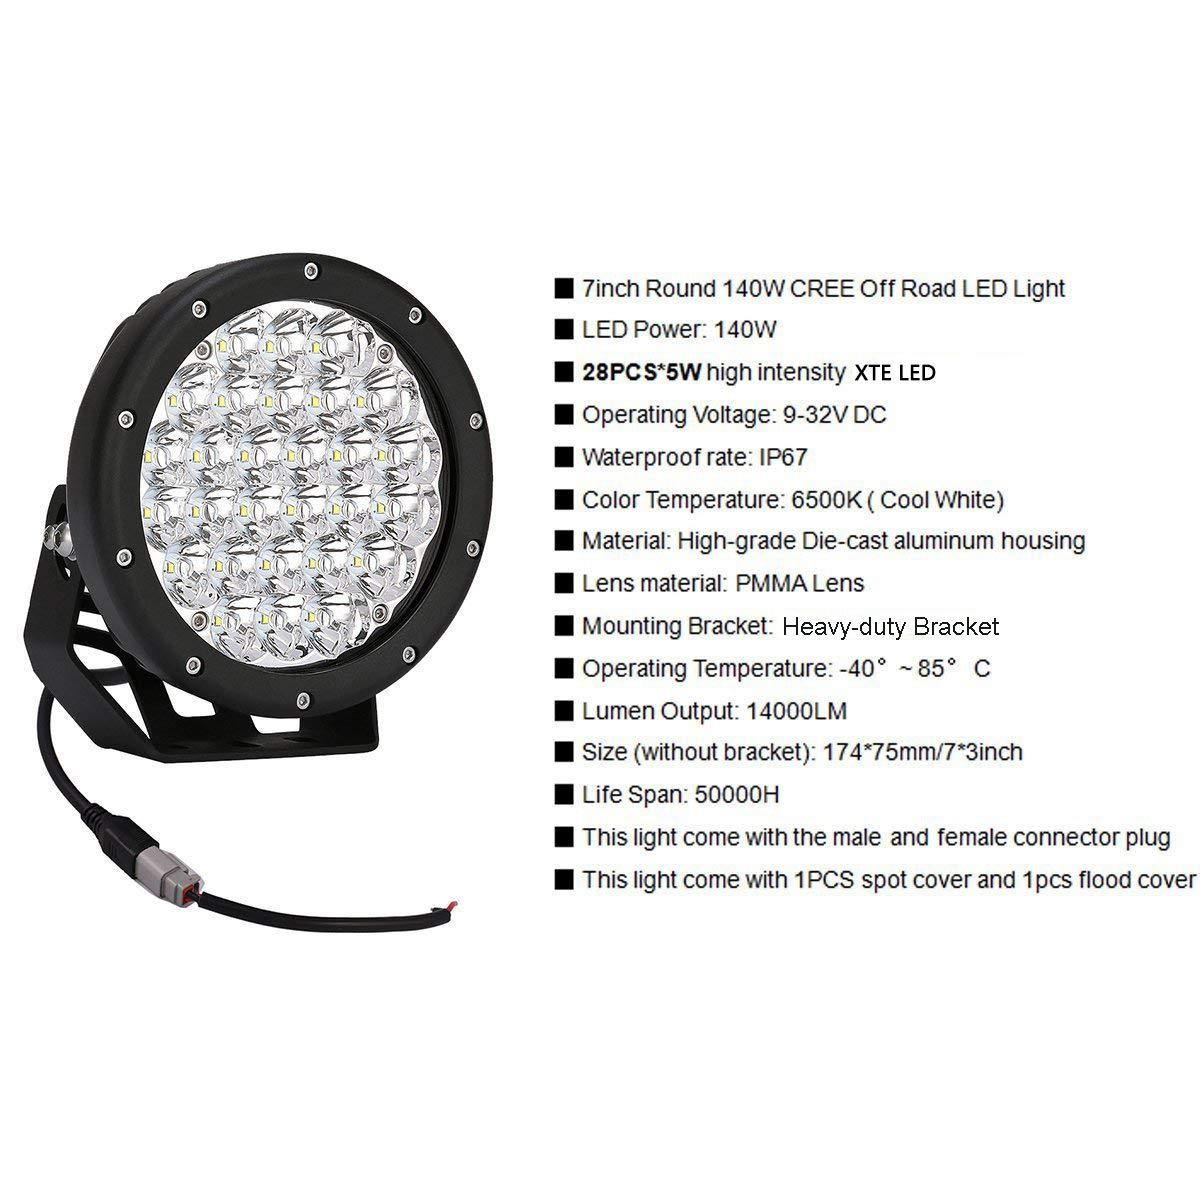 Amazon.com: lightronic - Luces LED redondas de conducción ...